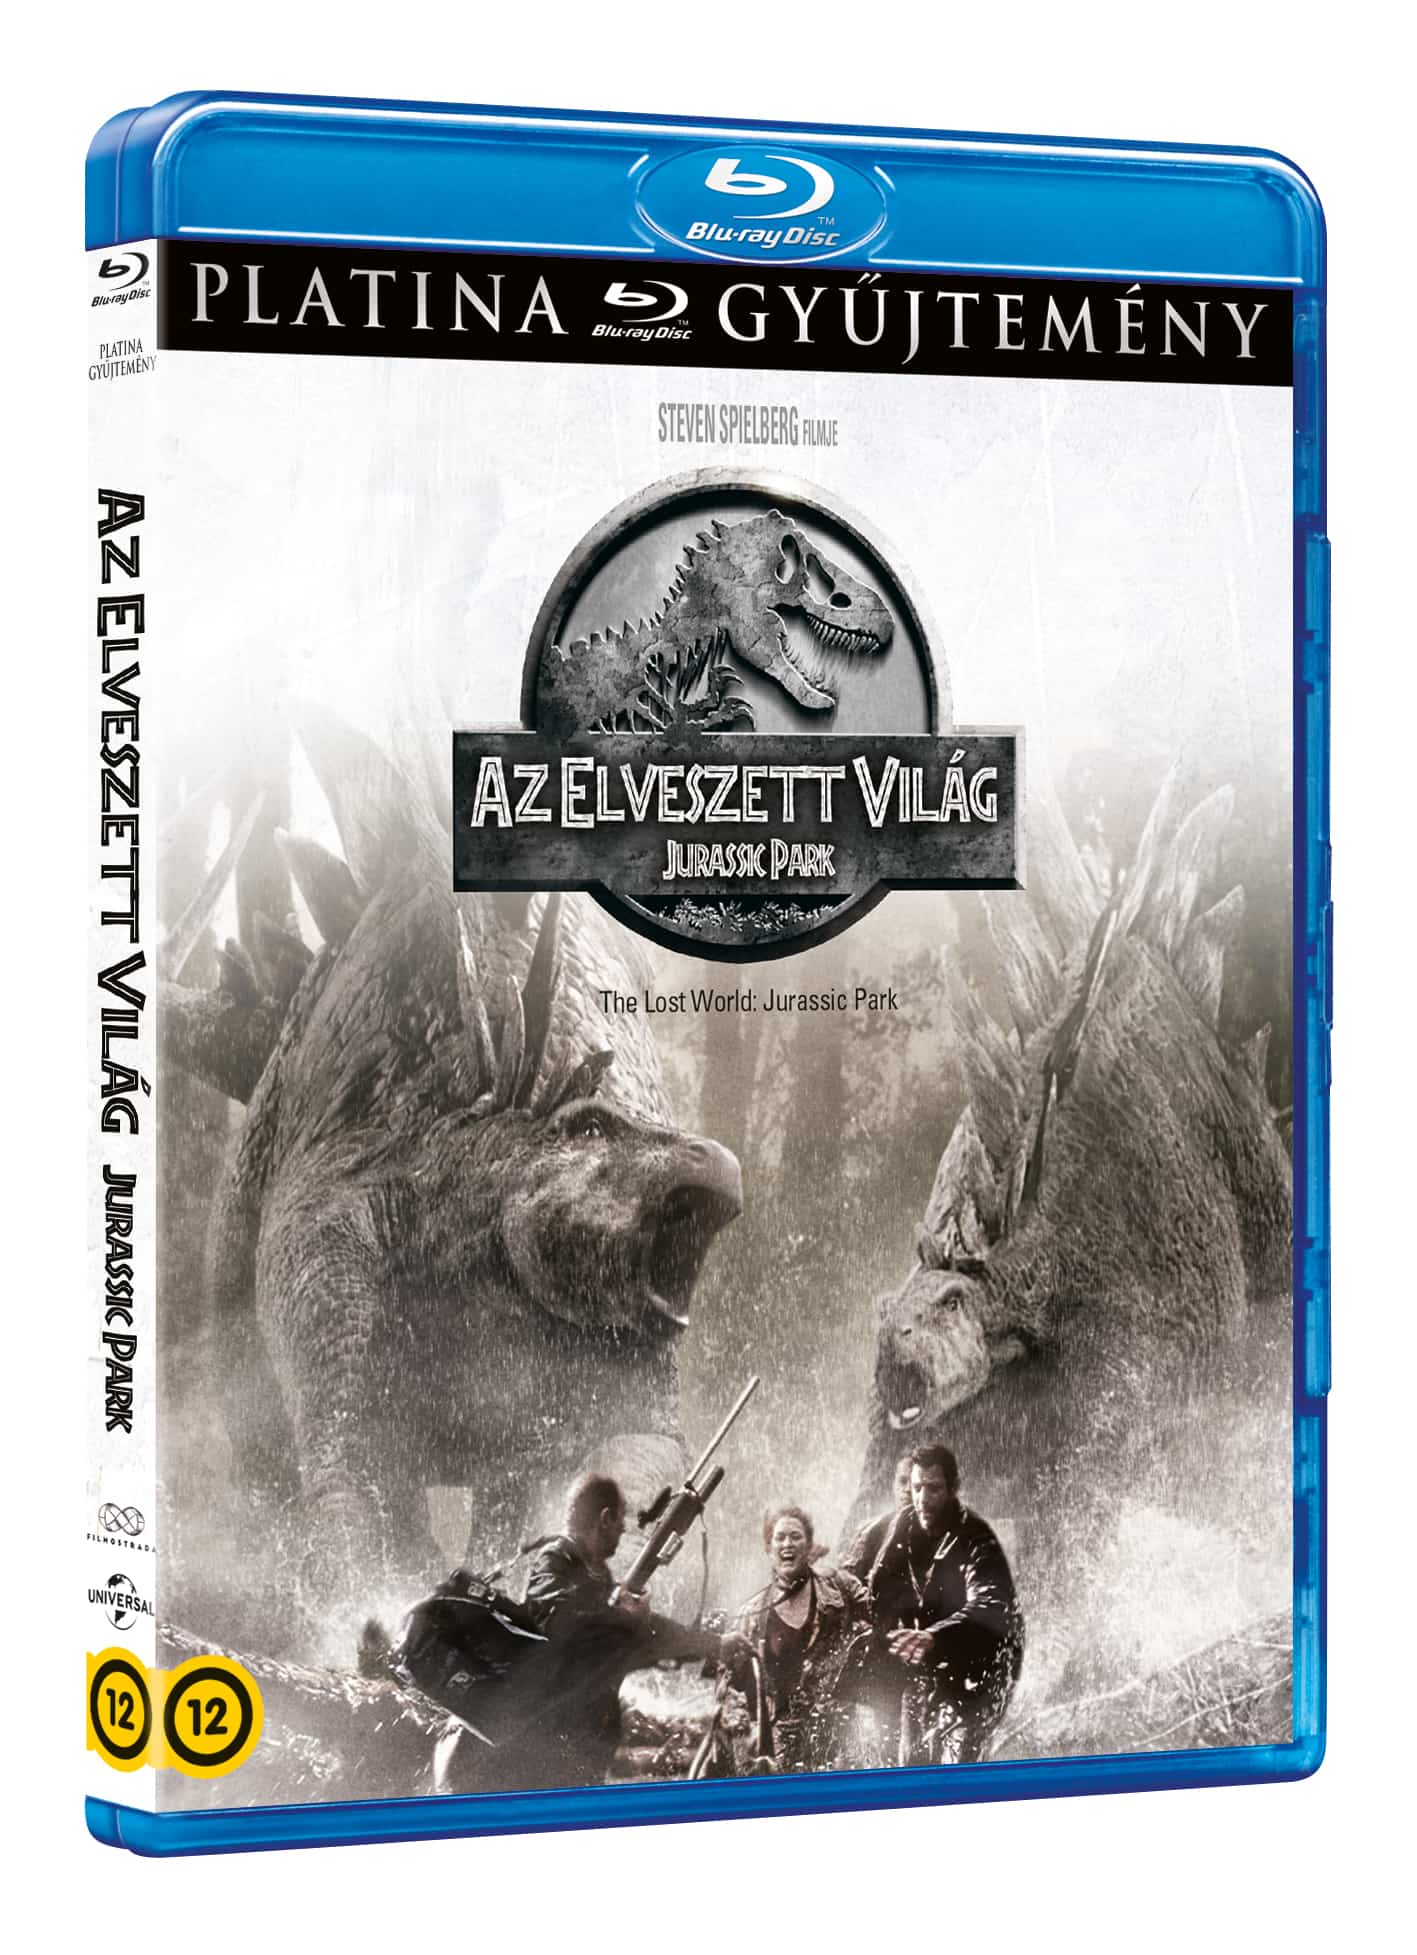 Jurassic Park 2. - Az elveszett világ (platina gyűjtemény) - Blu-ray